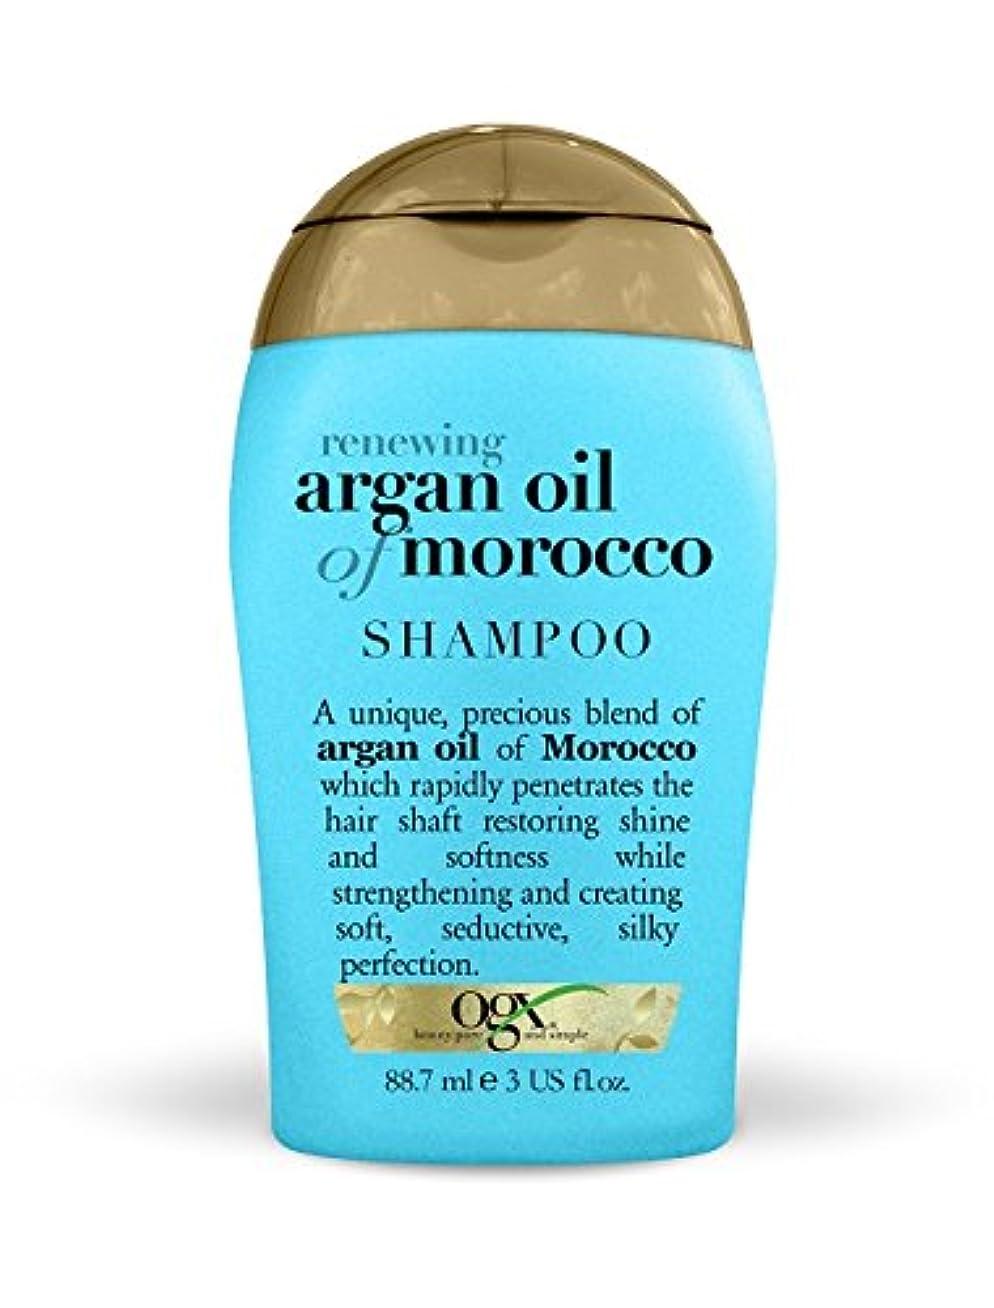 床を掃除する関係ランクMoroccan Argan Oil Shampoo 88.7 ml by The Moroccan Argan Oil Co.